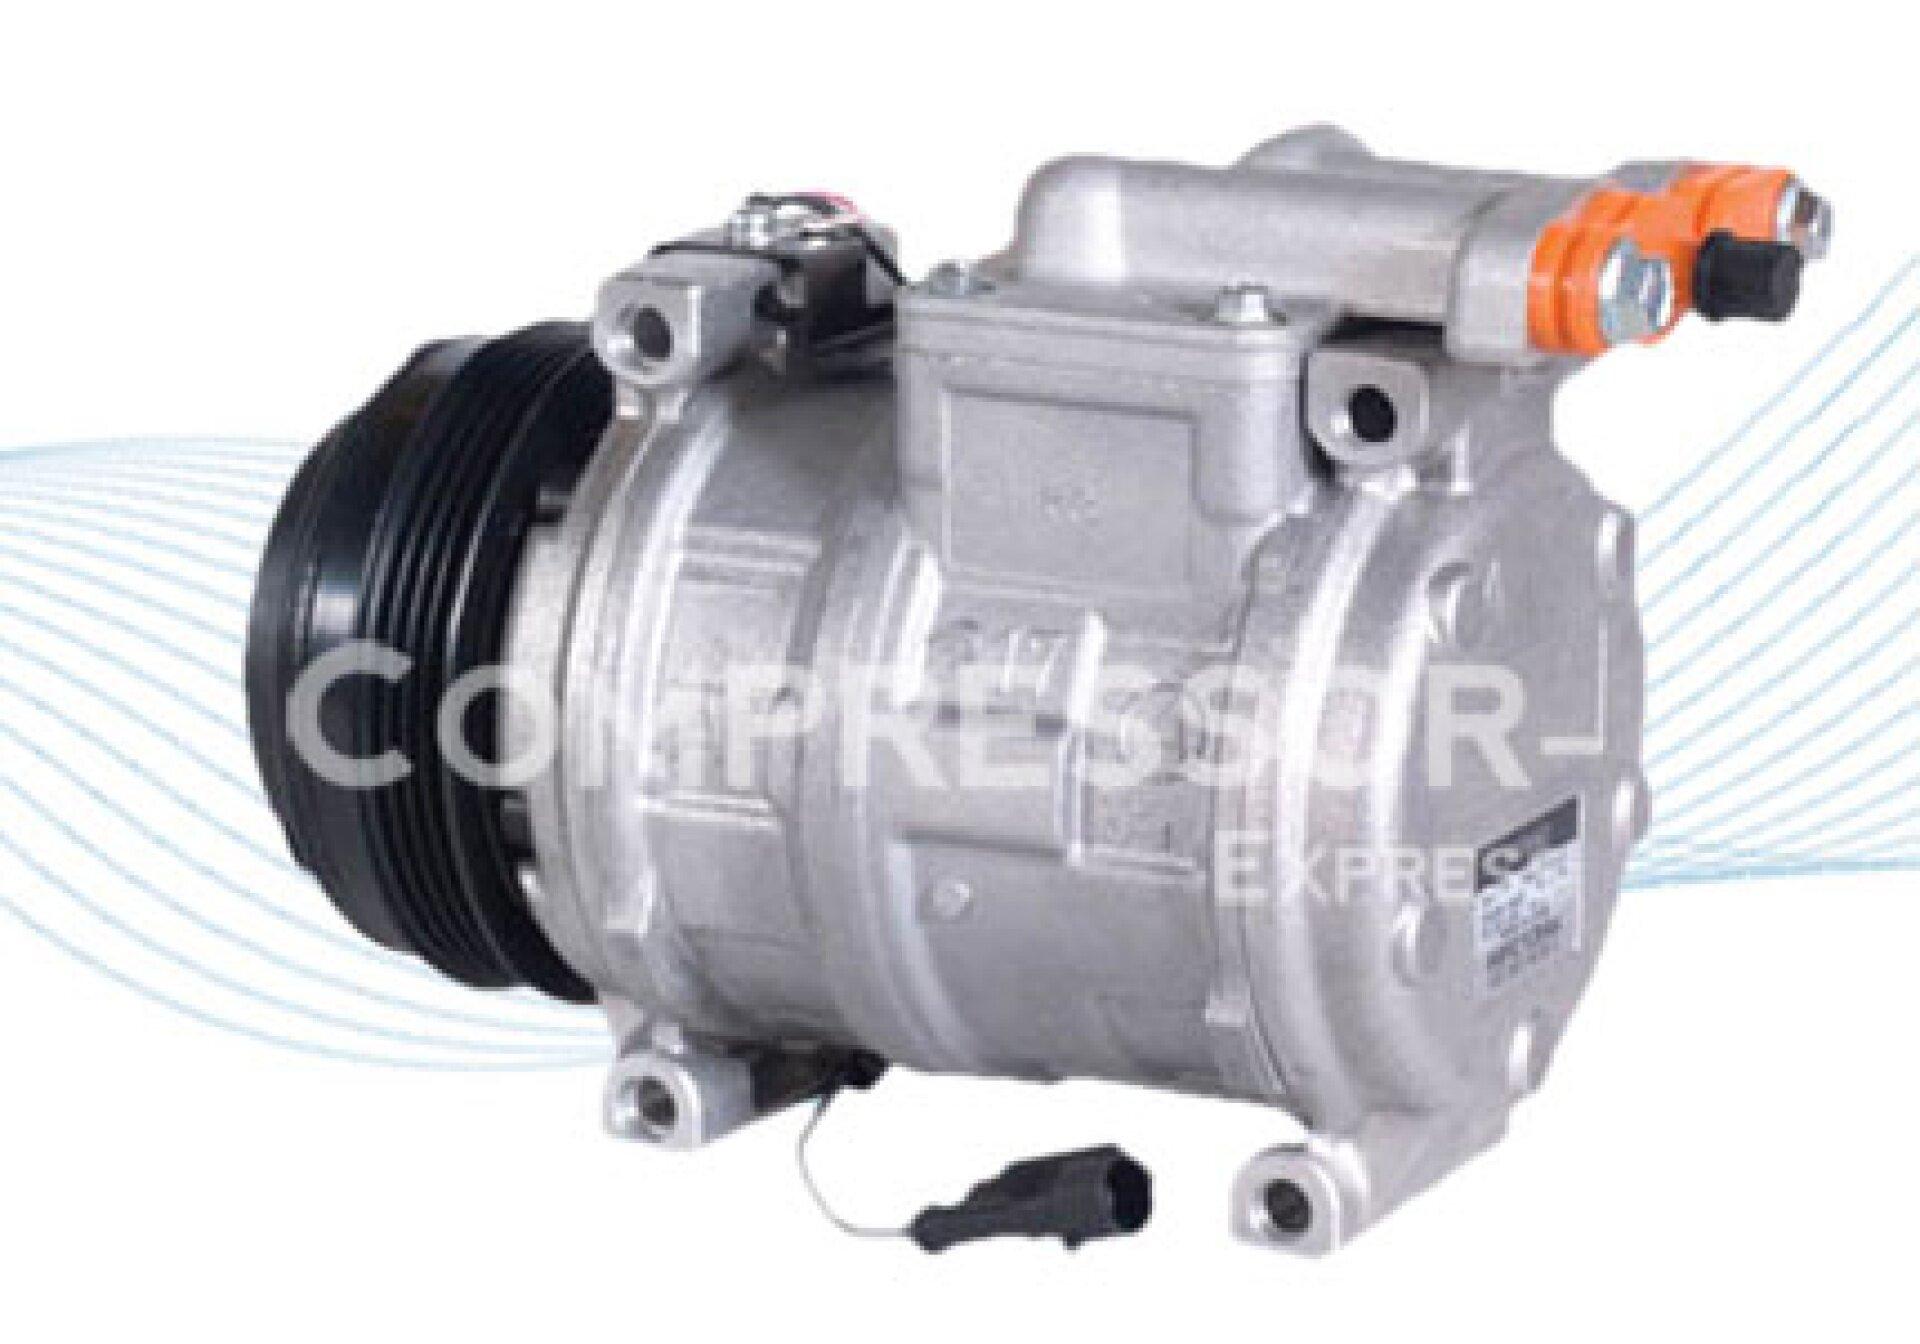 Denso 10pa17c compresor de aire acondicionado 447170 5430 for Compresor de aire acondicionado